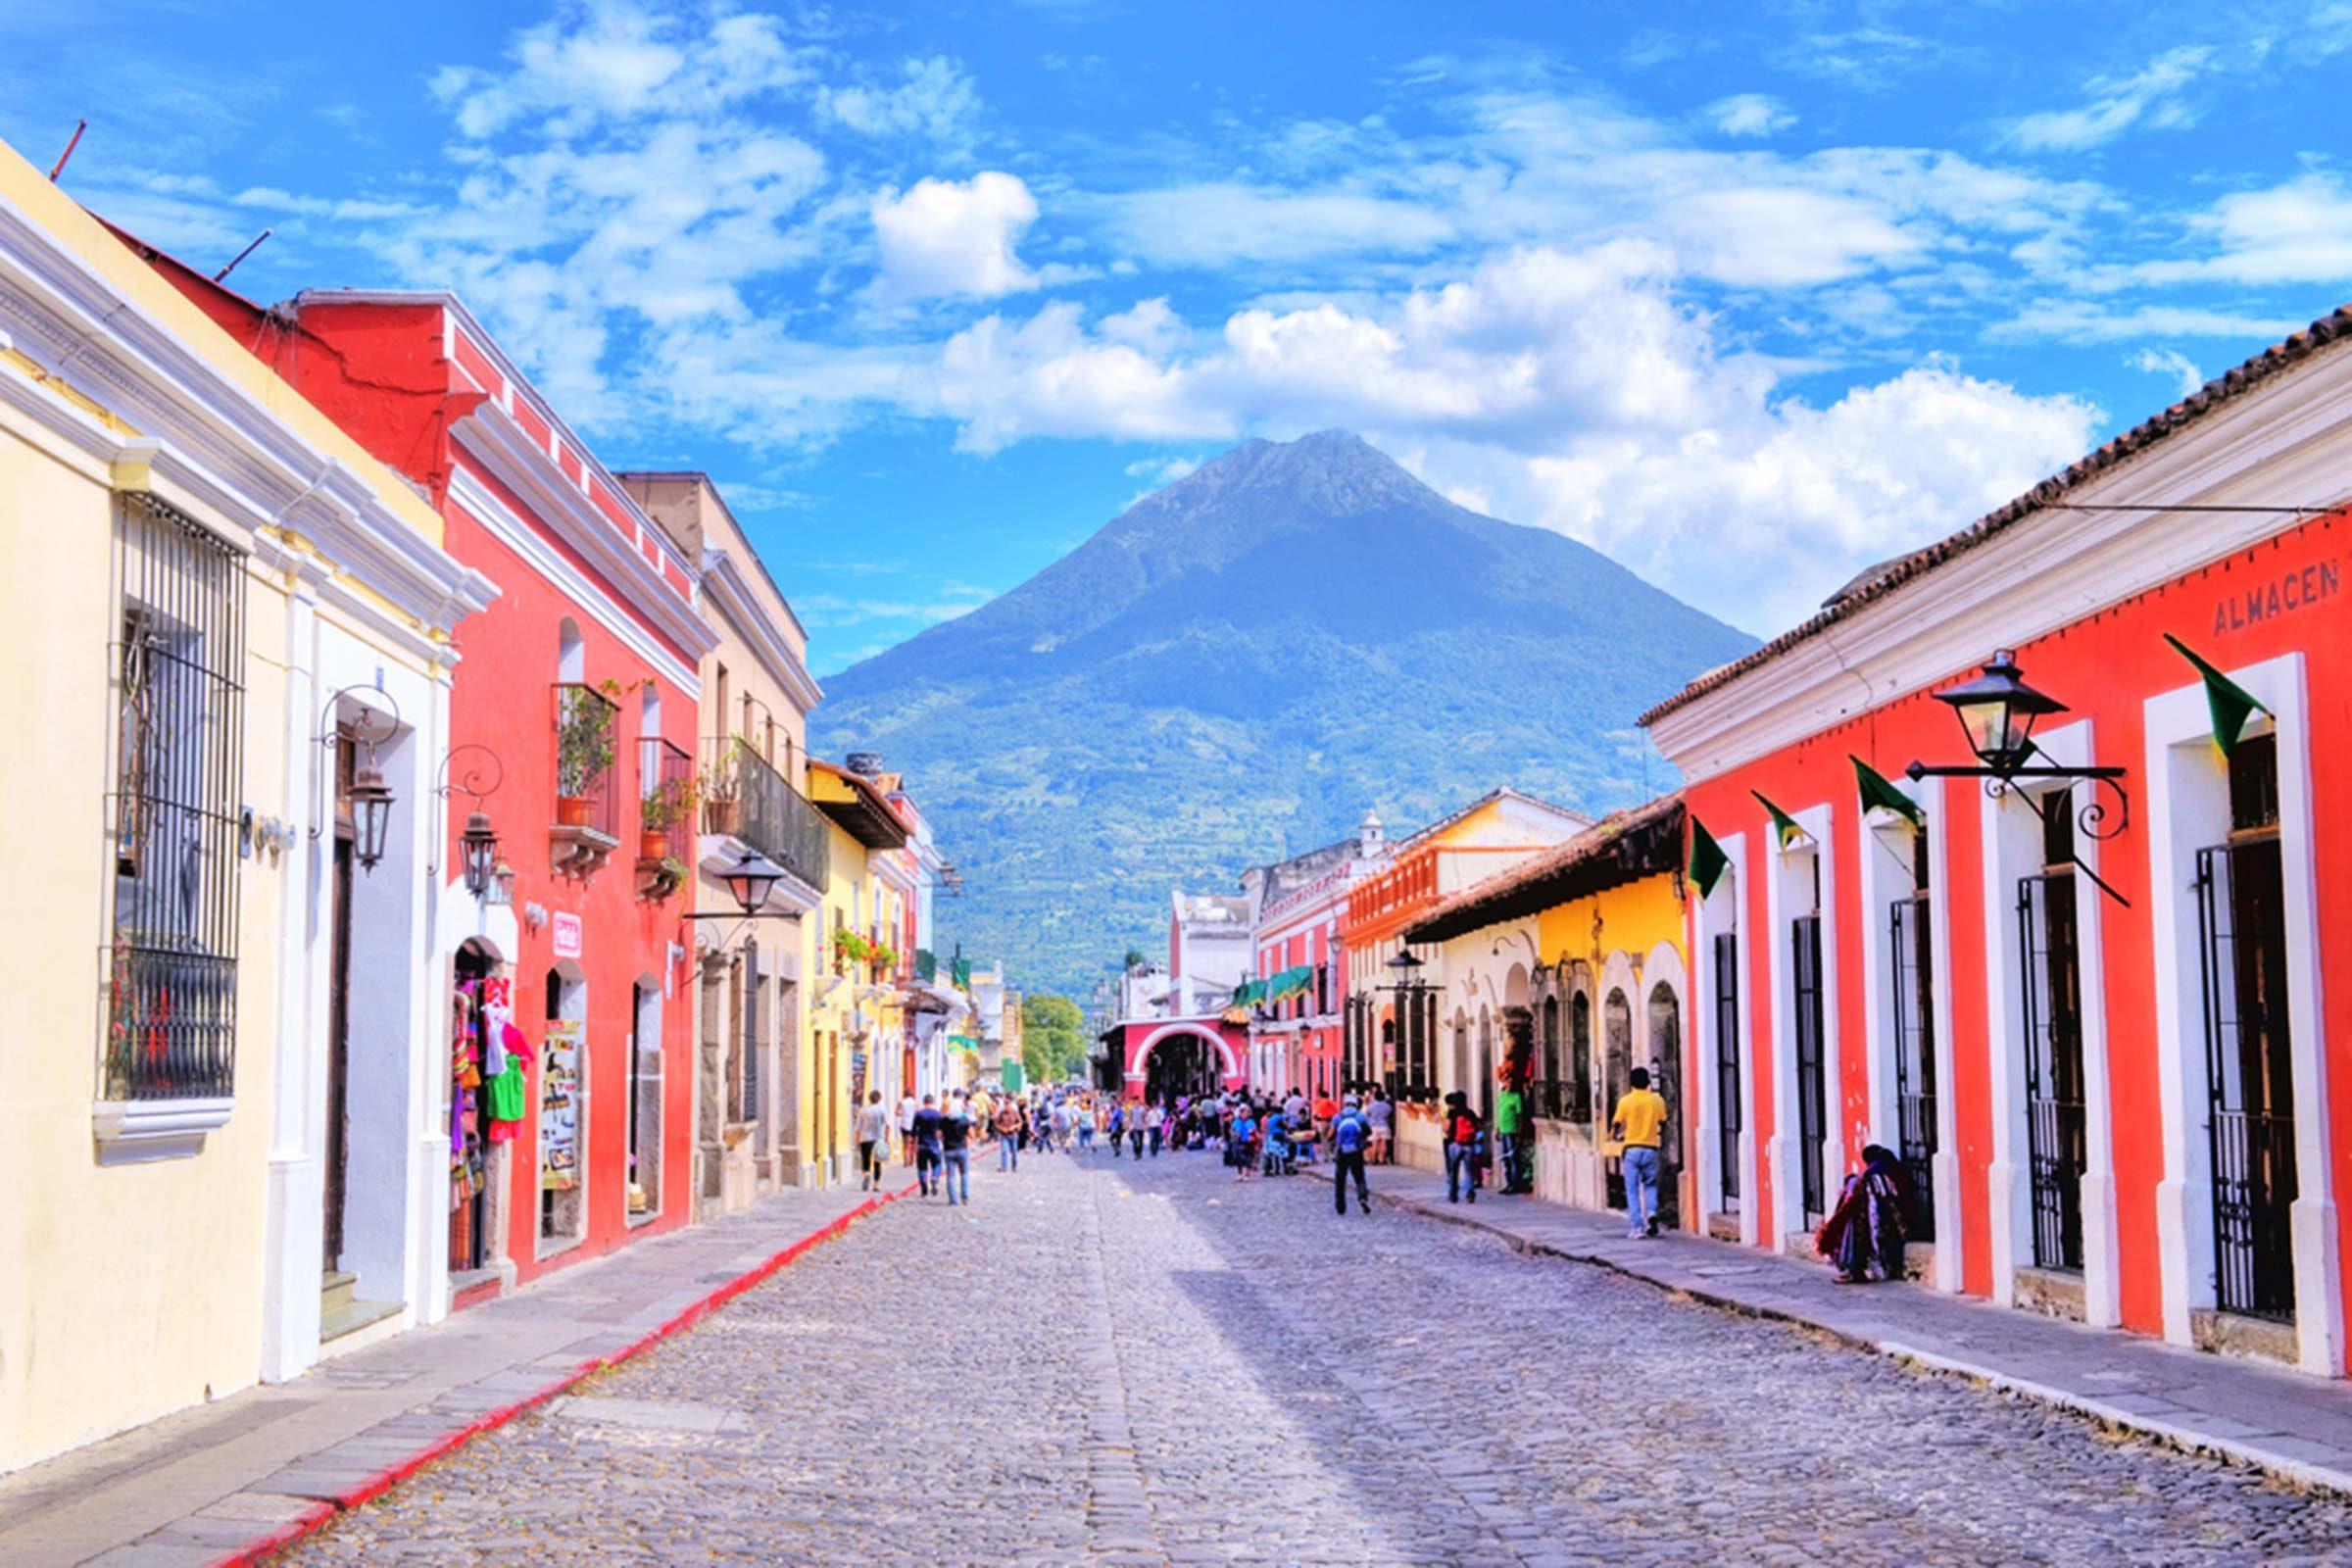 Le Guatemala, une destination voyage captivante